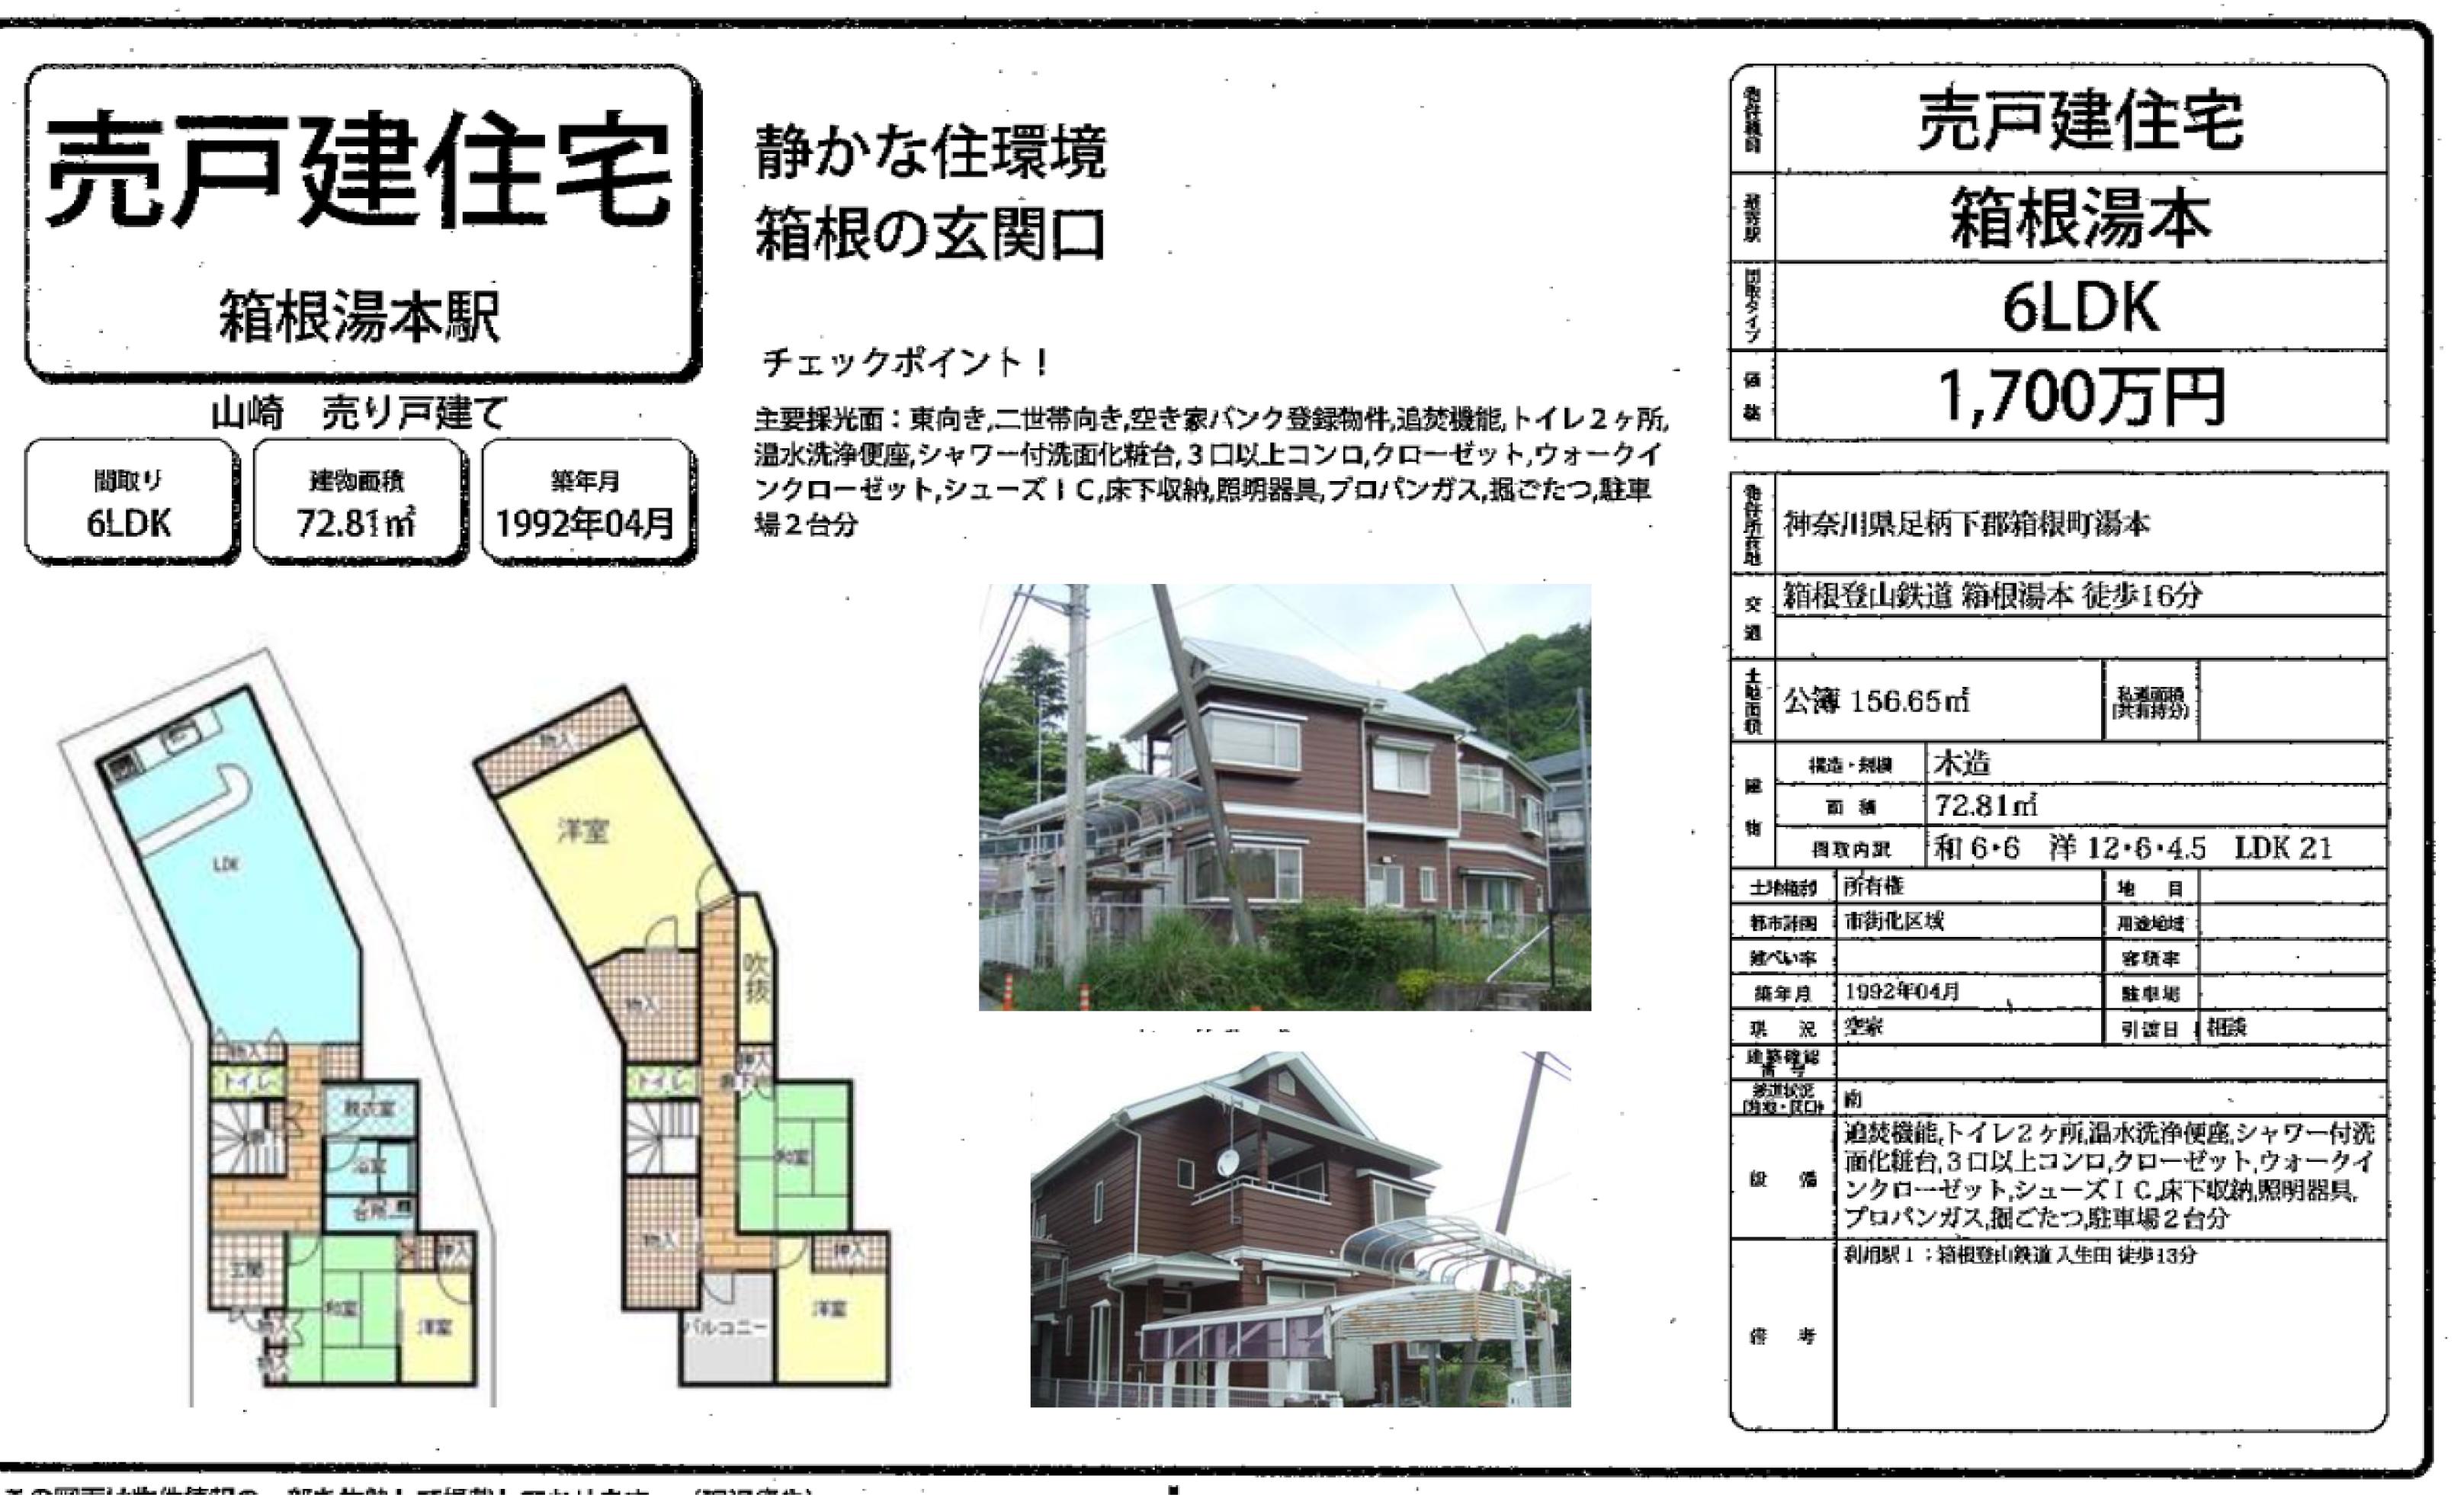 簡易宿泊所向け物件のご紹介です。 箱根湯本 ・  鎌倉・東陽町です。 東陽町は空き家渡しです。是非ご検討ください。